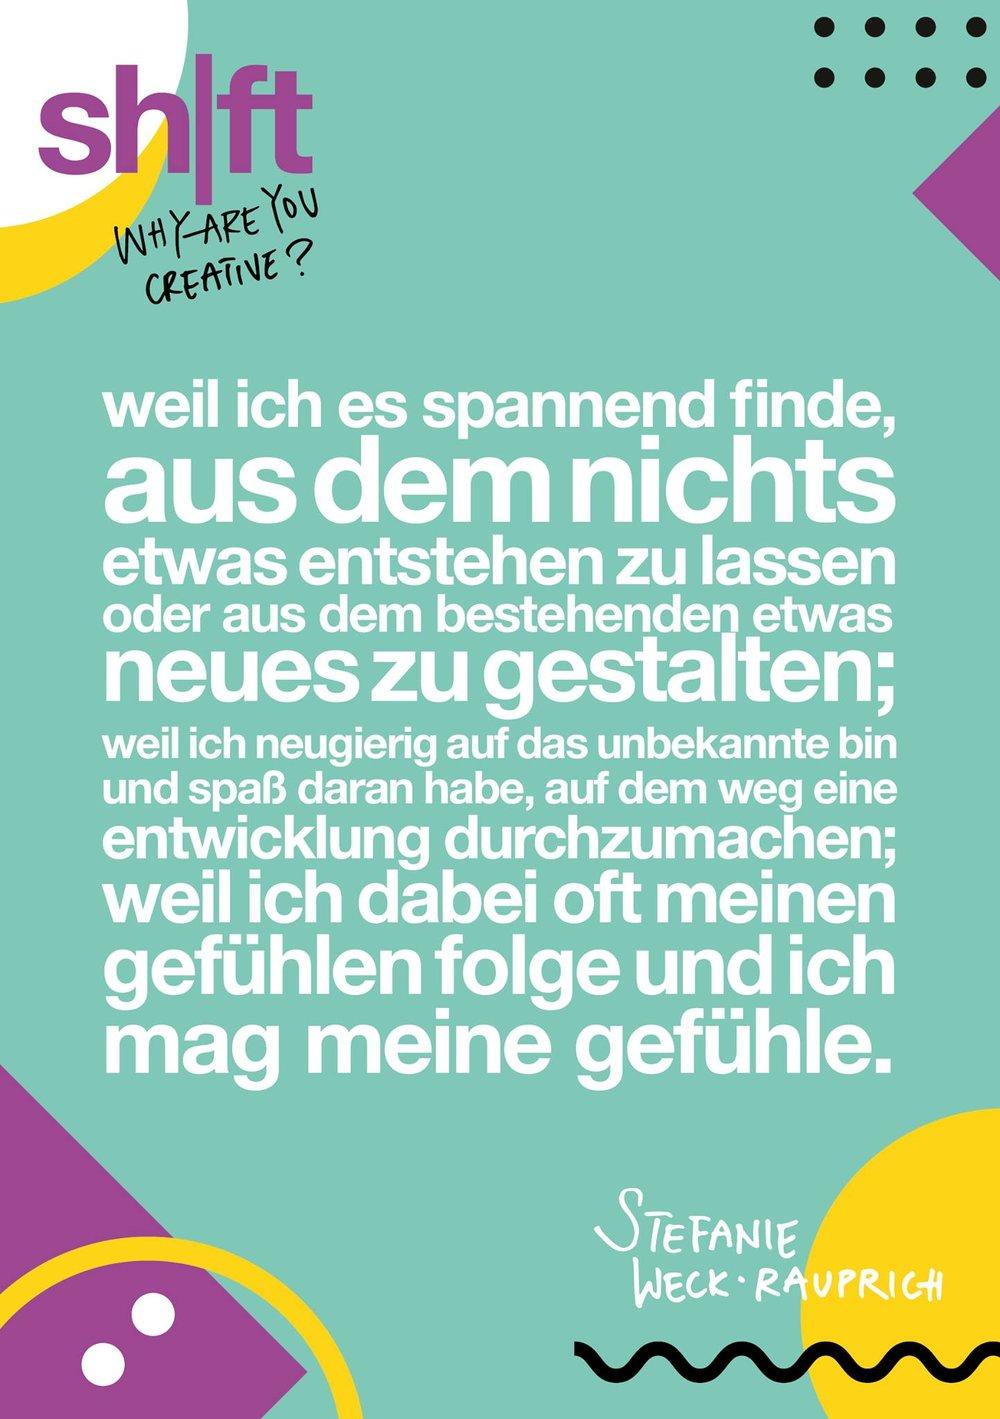 Why are you creative? Das haben wir alle Beitragenden der  sh|ft  gefragt.